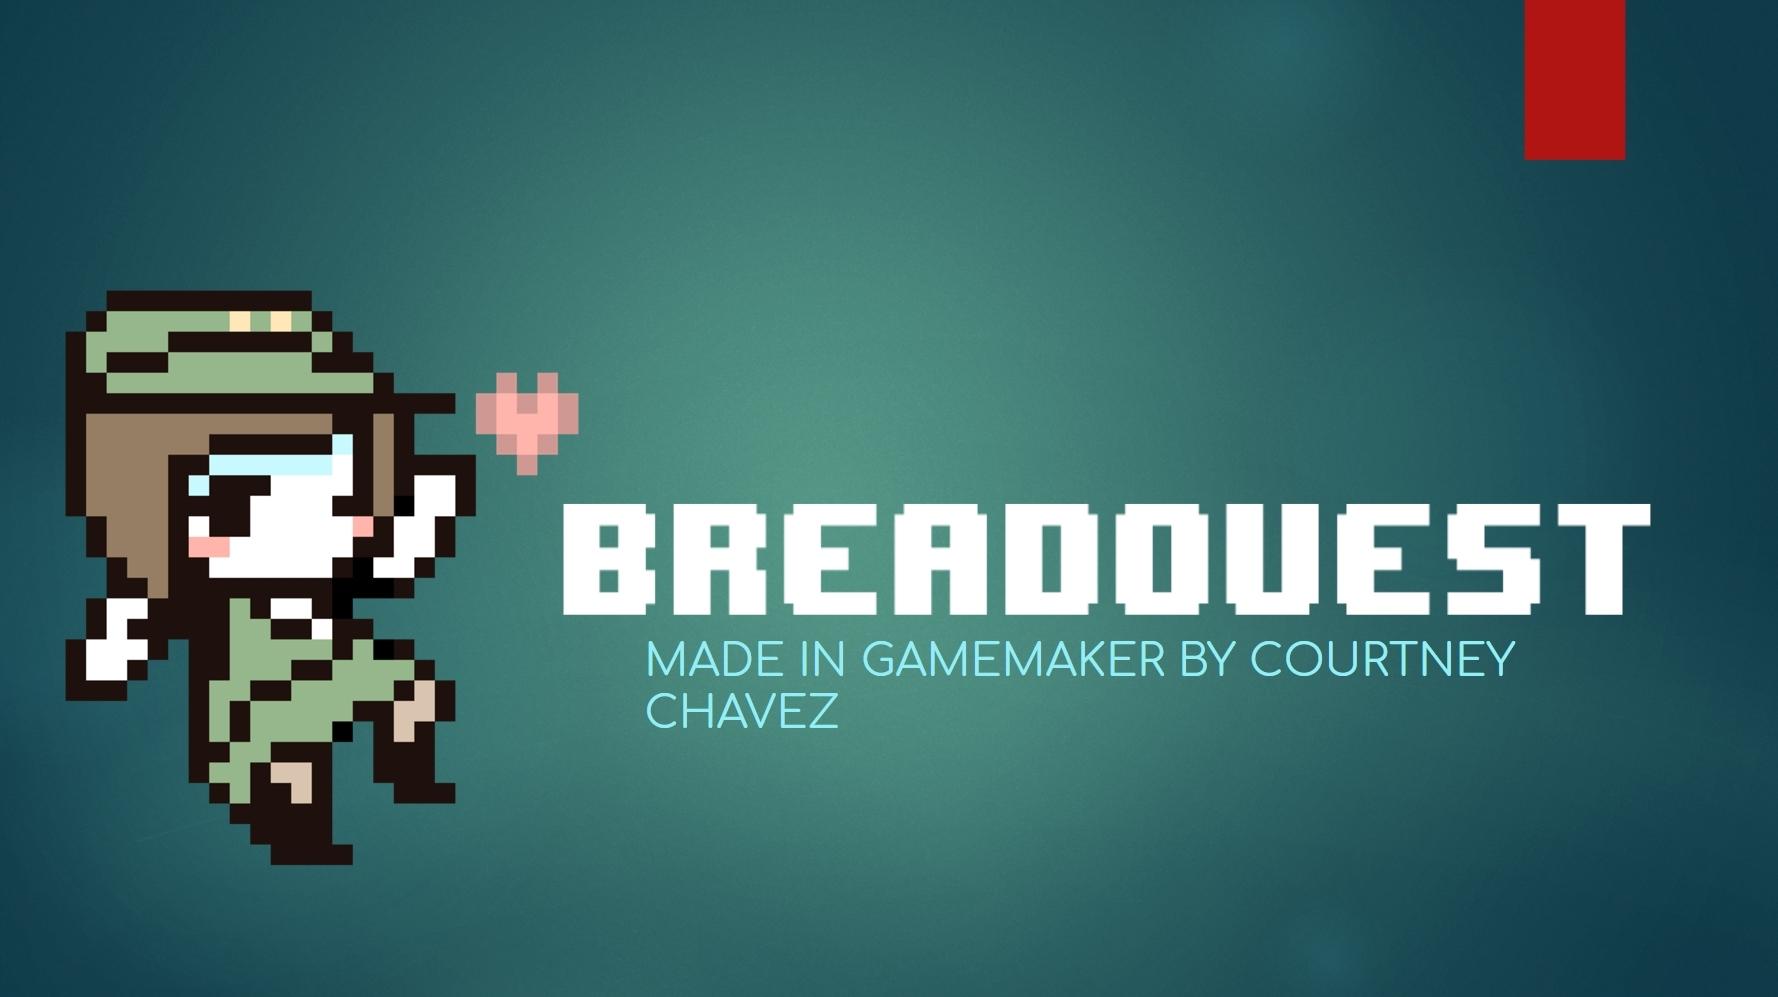 BreadQuest